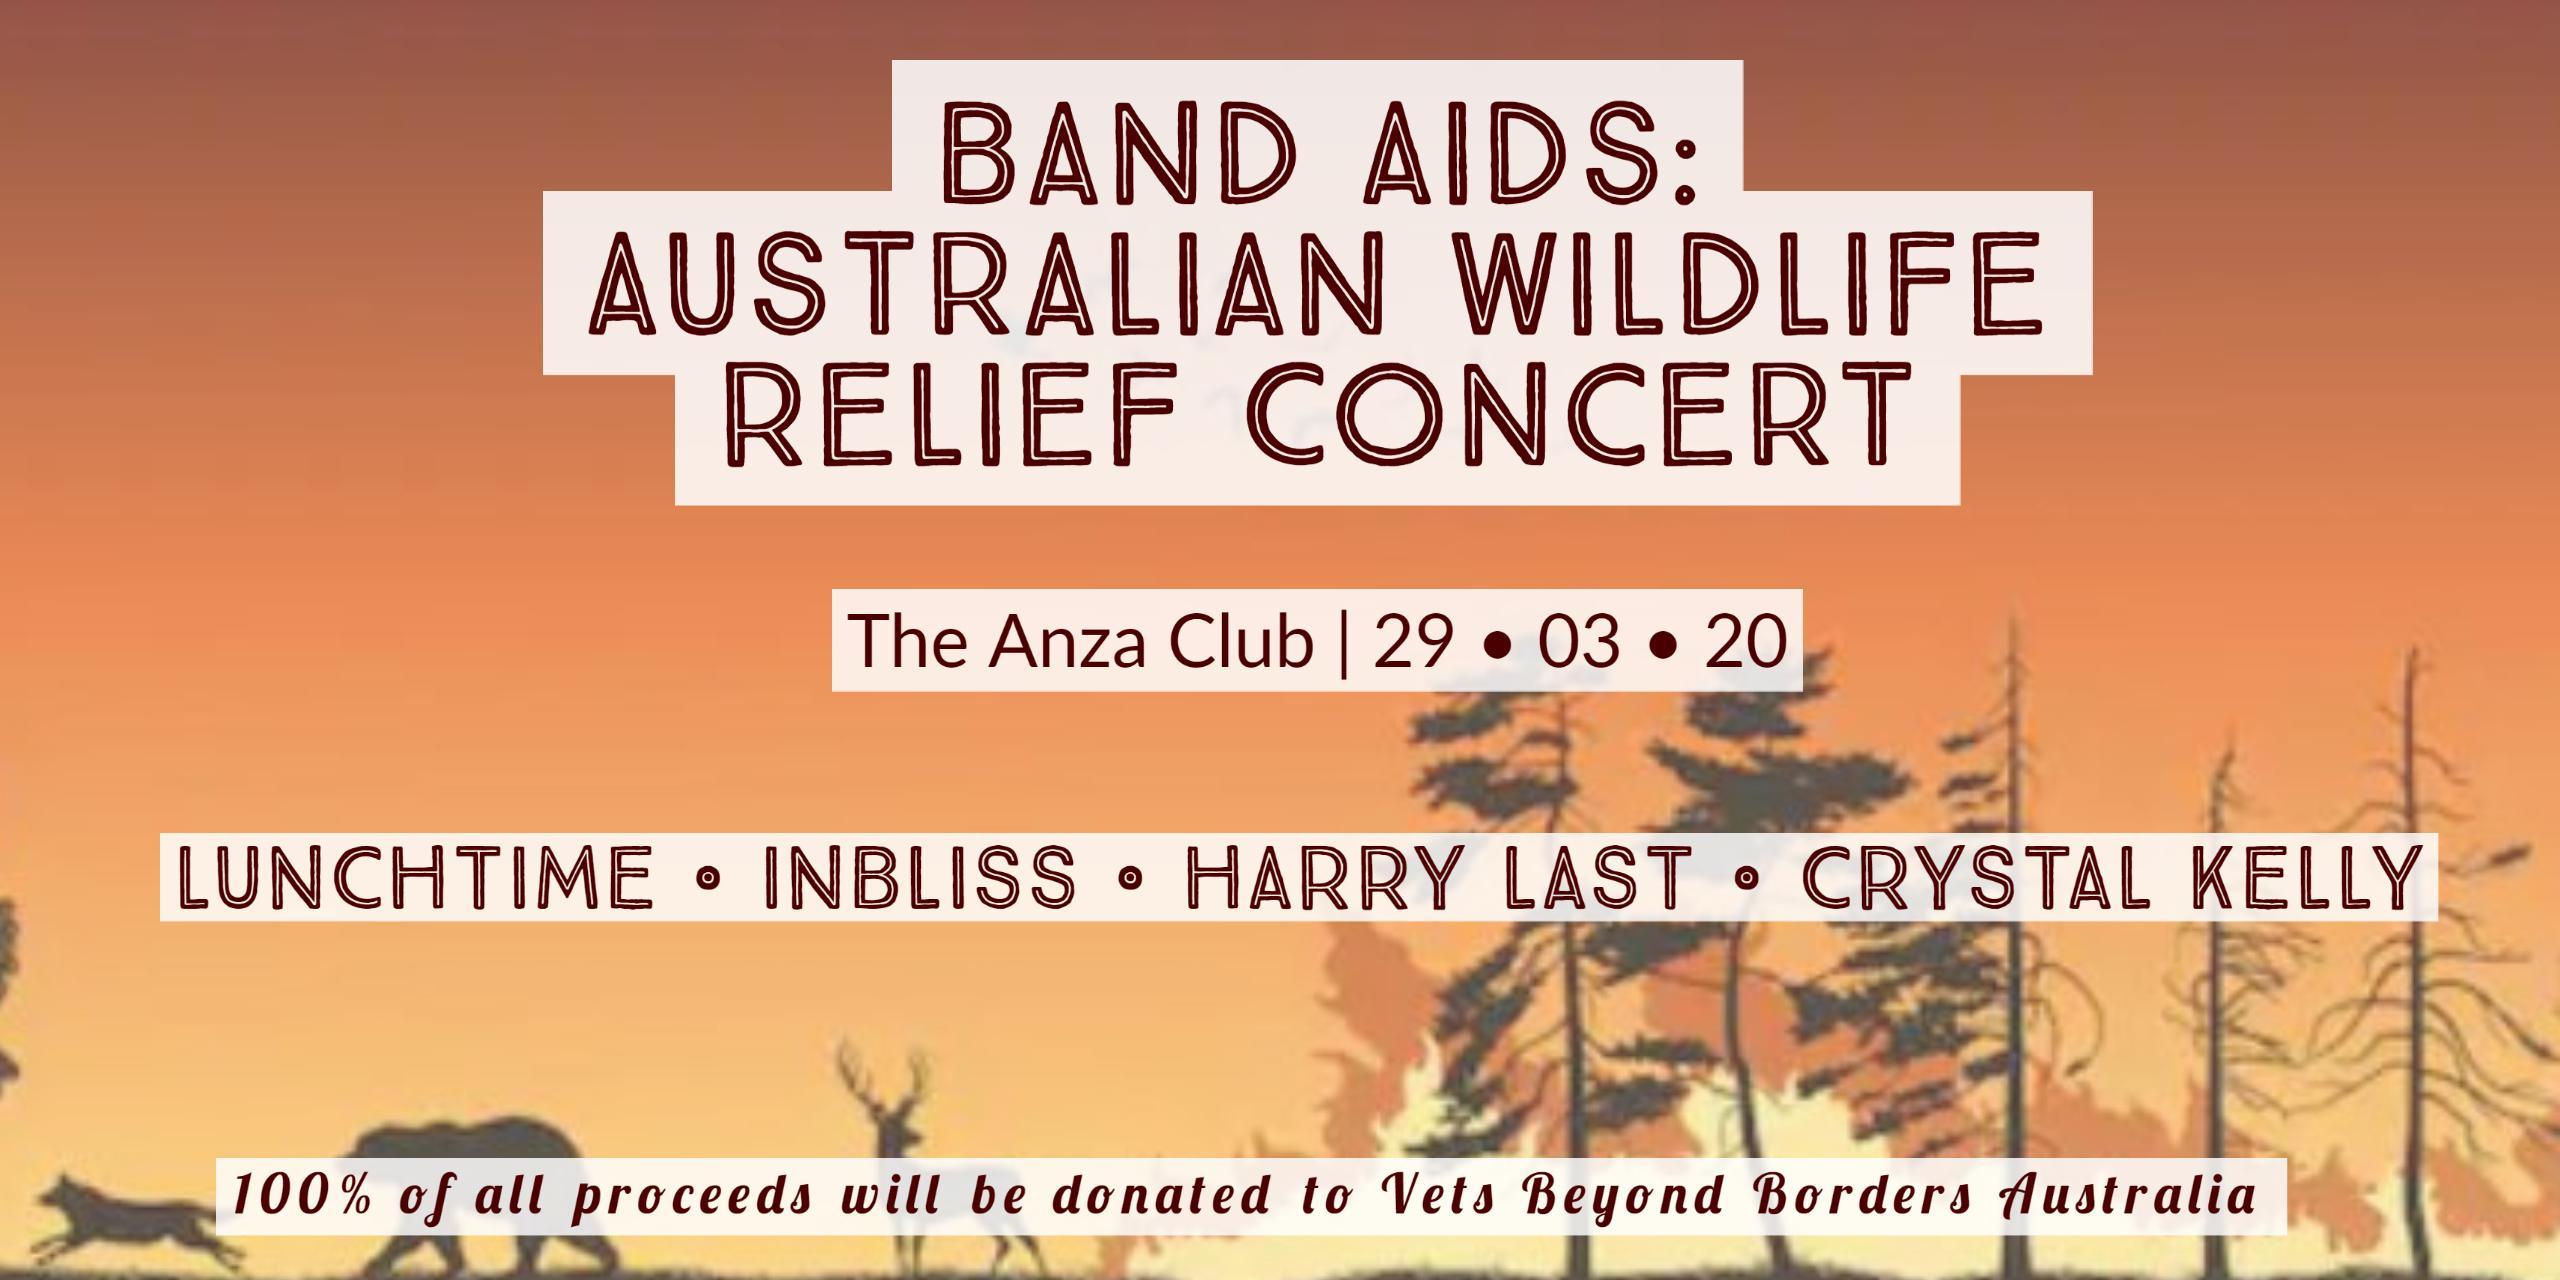 Band Aids: Australian Wildlife Relief Concert